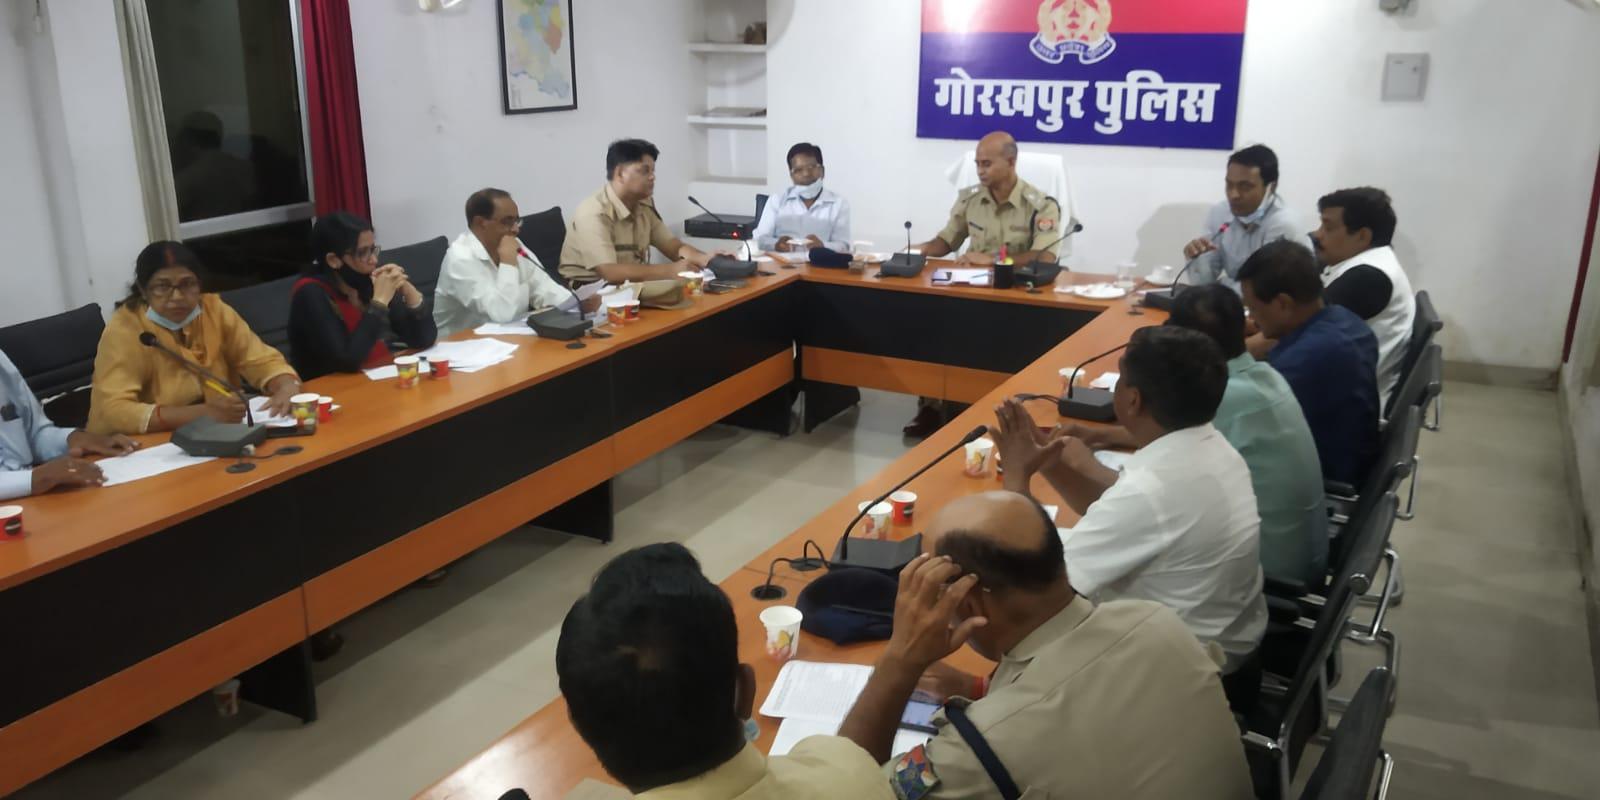 गोरखपुर : एसपी क्राइम ने 'No Child Labor Campaign' के बारे में की चर्चा